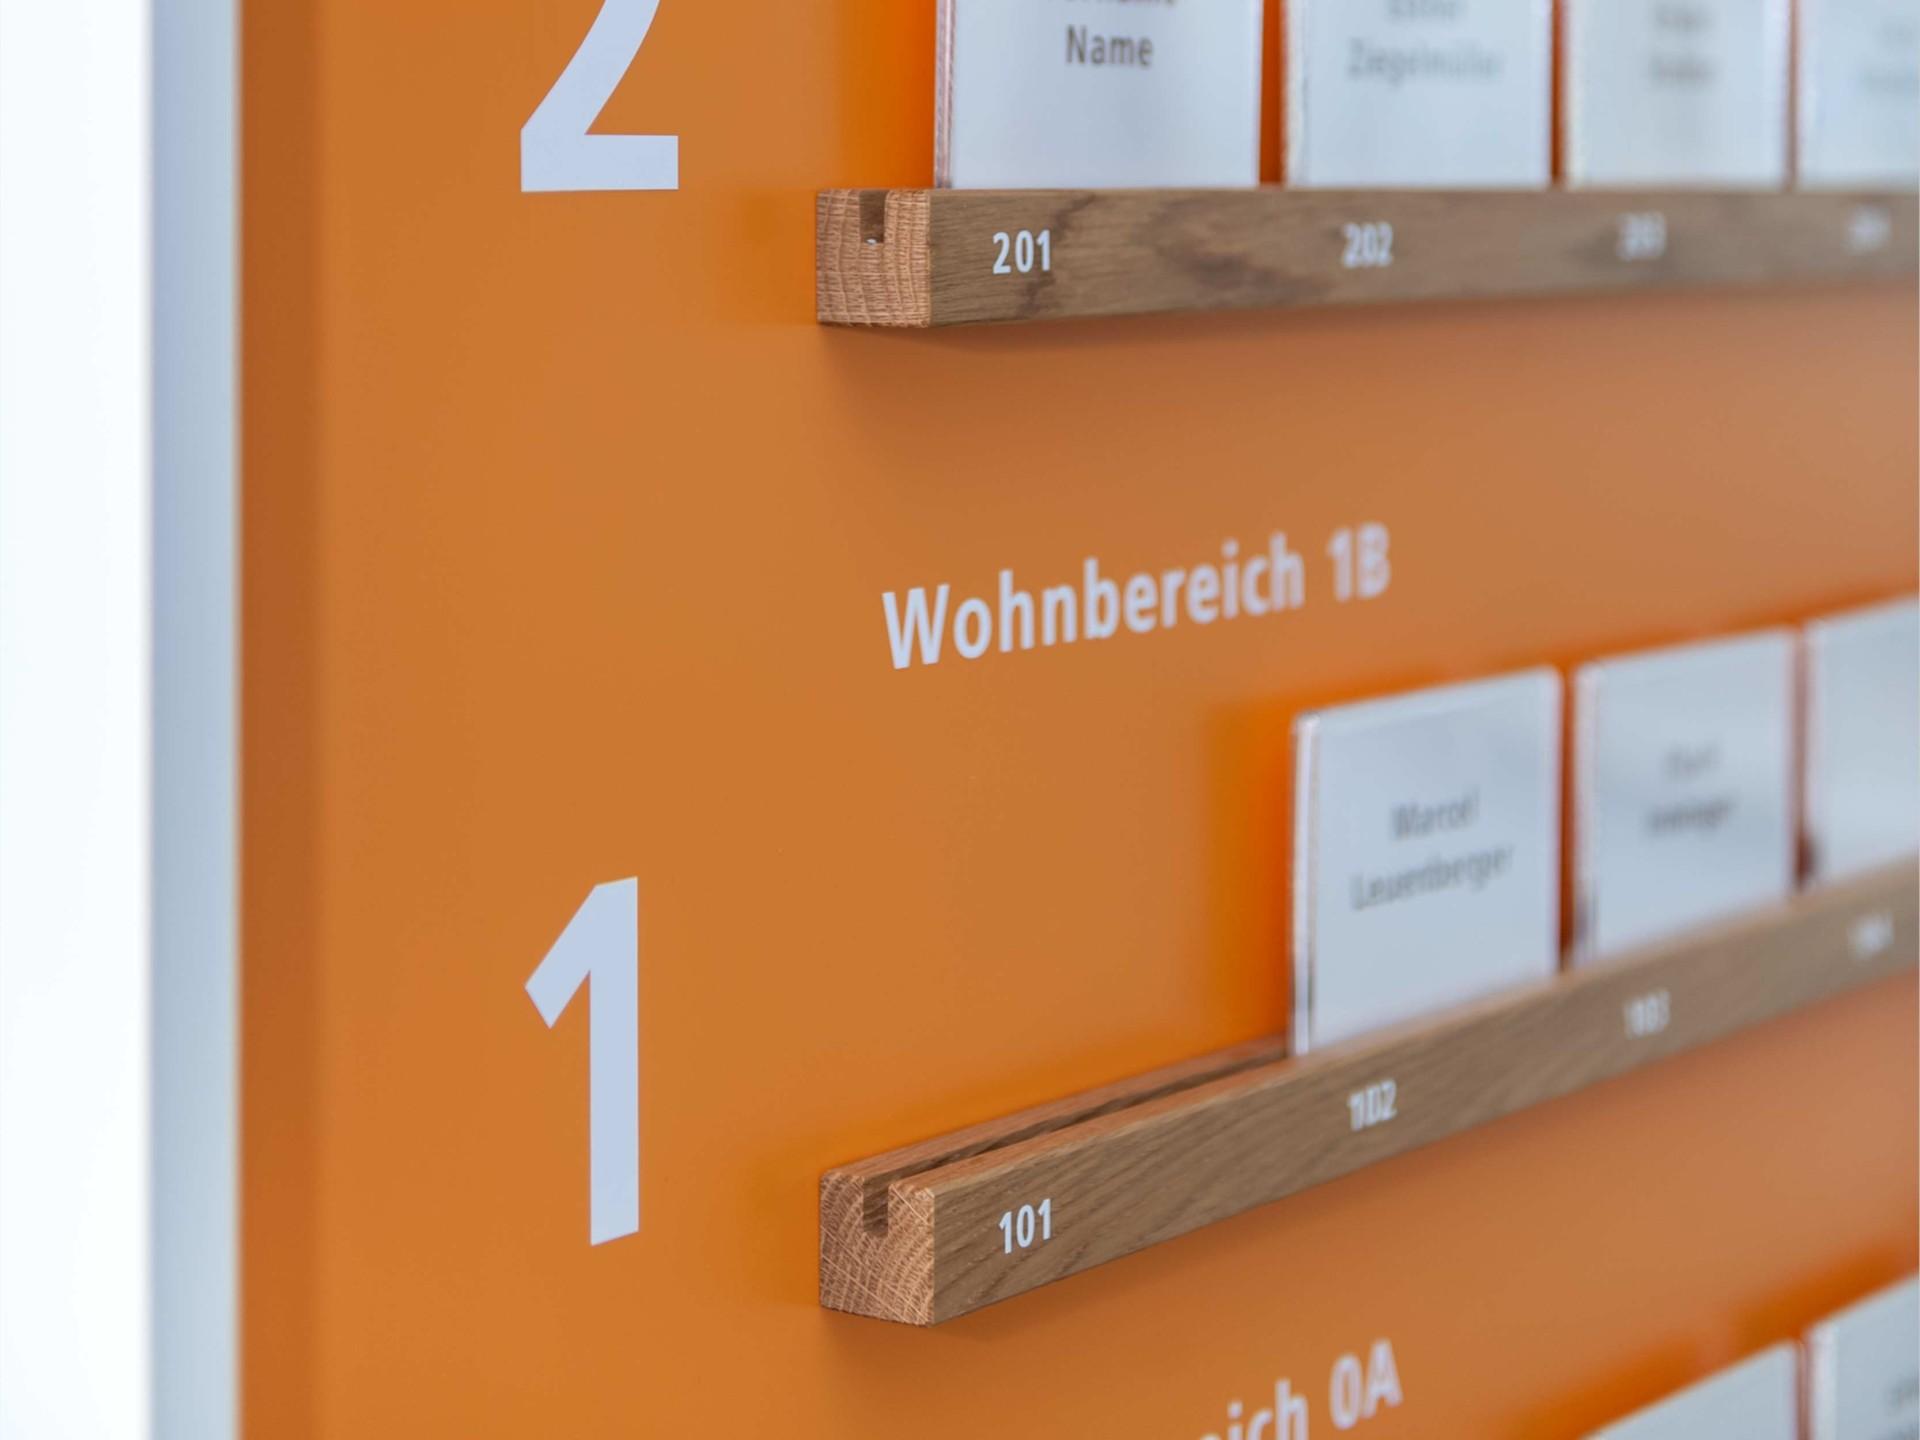 BKVK Alterszentrum Burgfelderhof — Orientierungs- und Wegleitungssystem